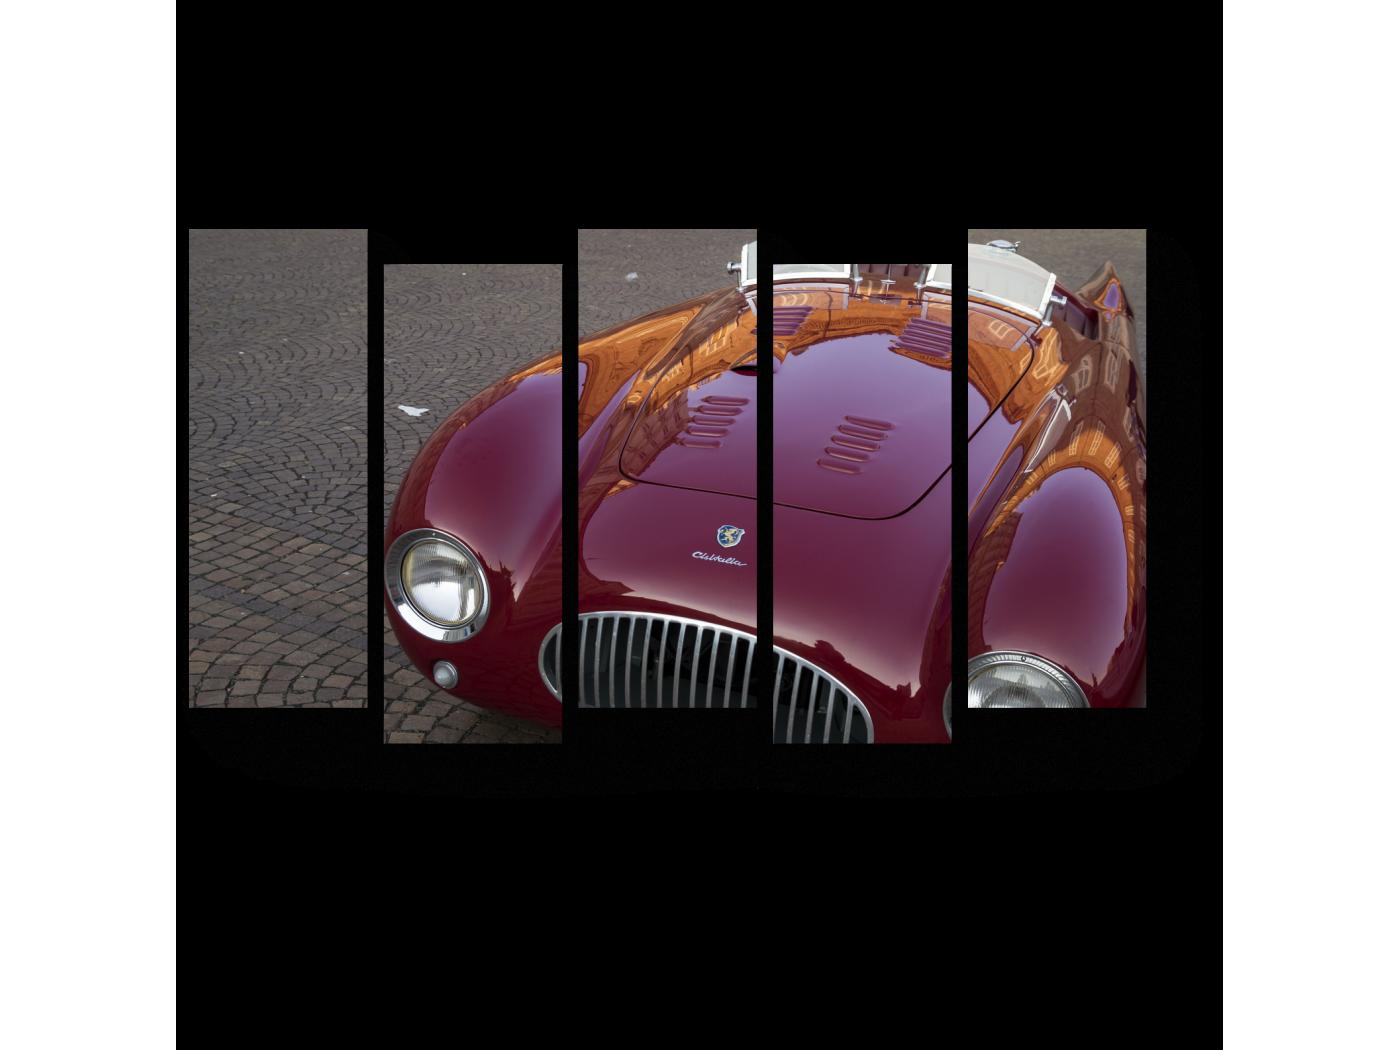 Модульная картина Элегантный Ламборгини (90x52) фото